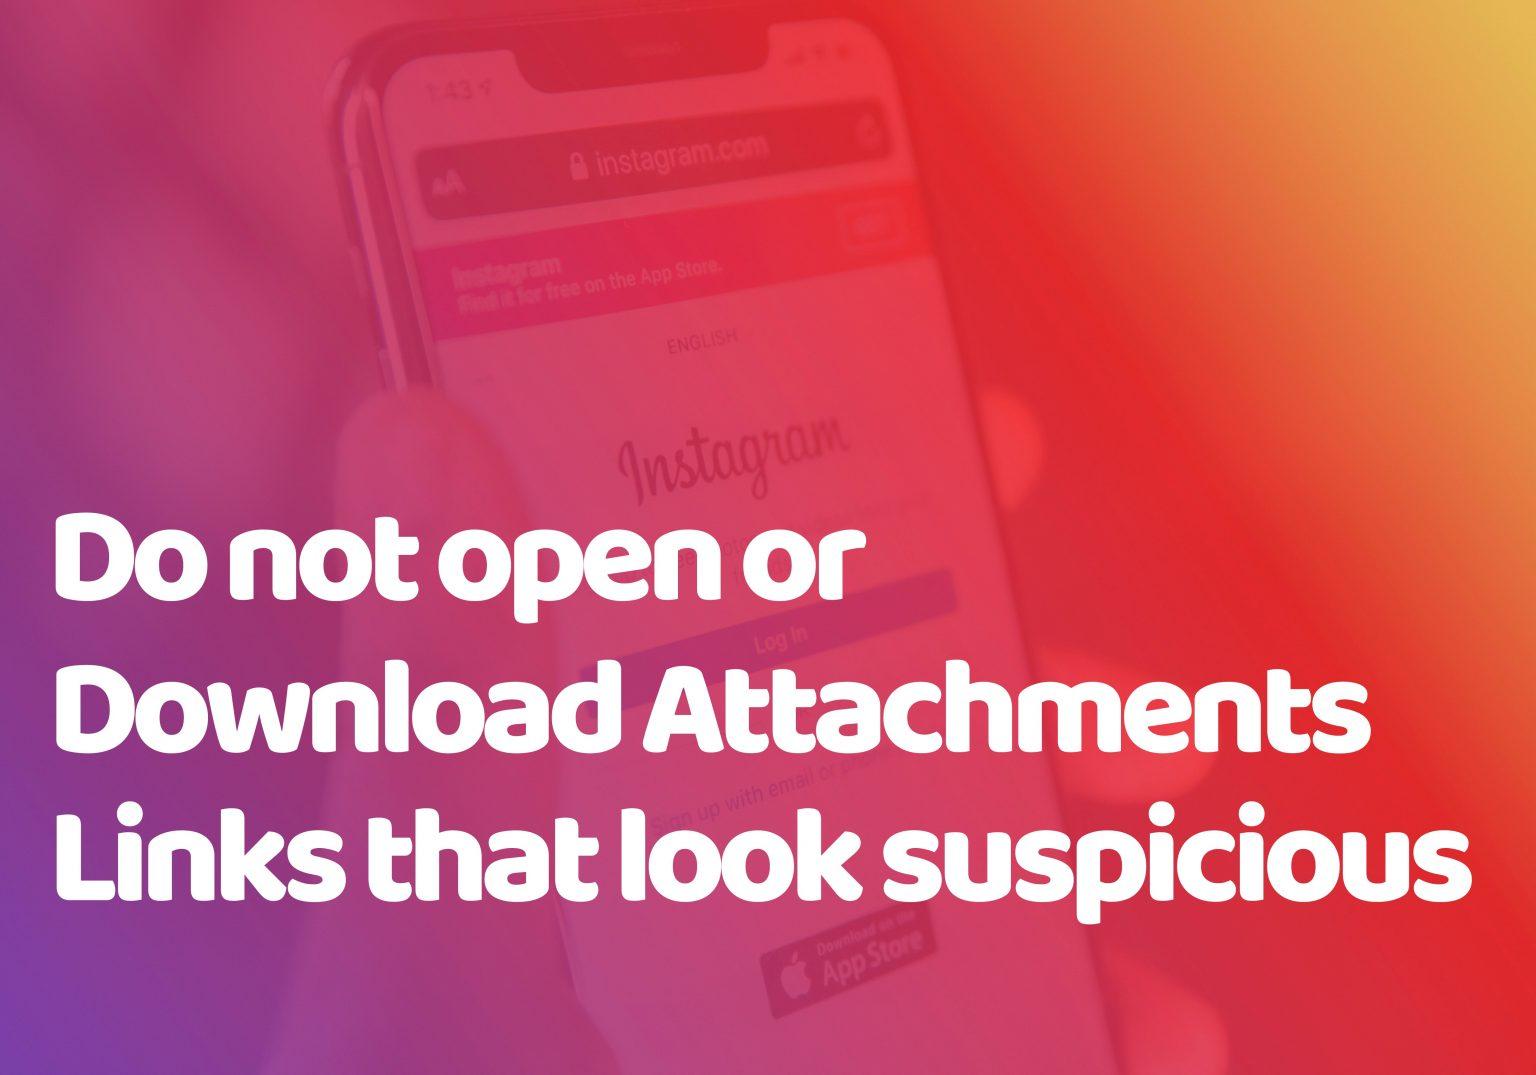 suspicious attachments